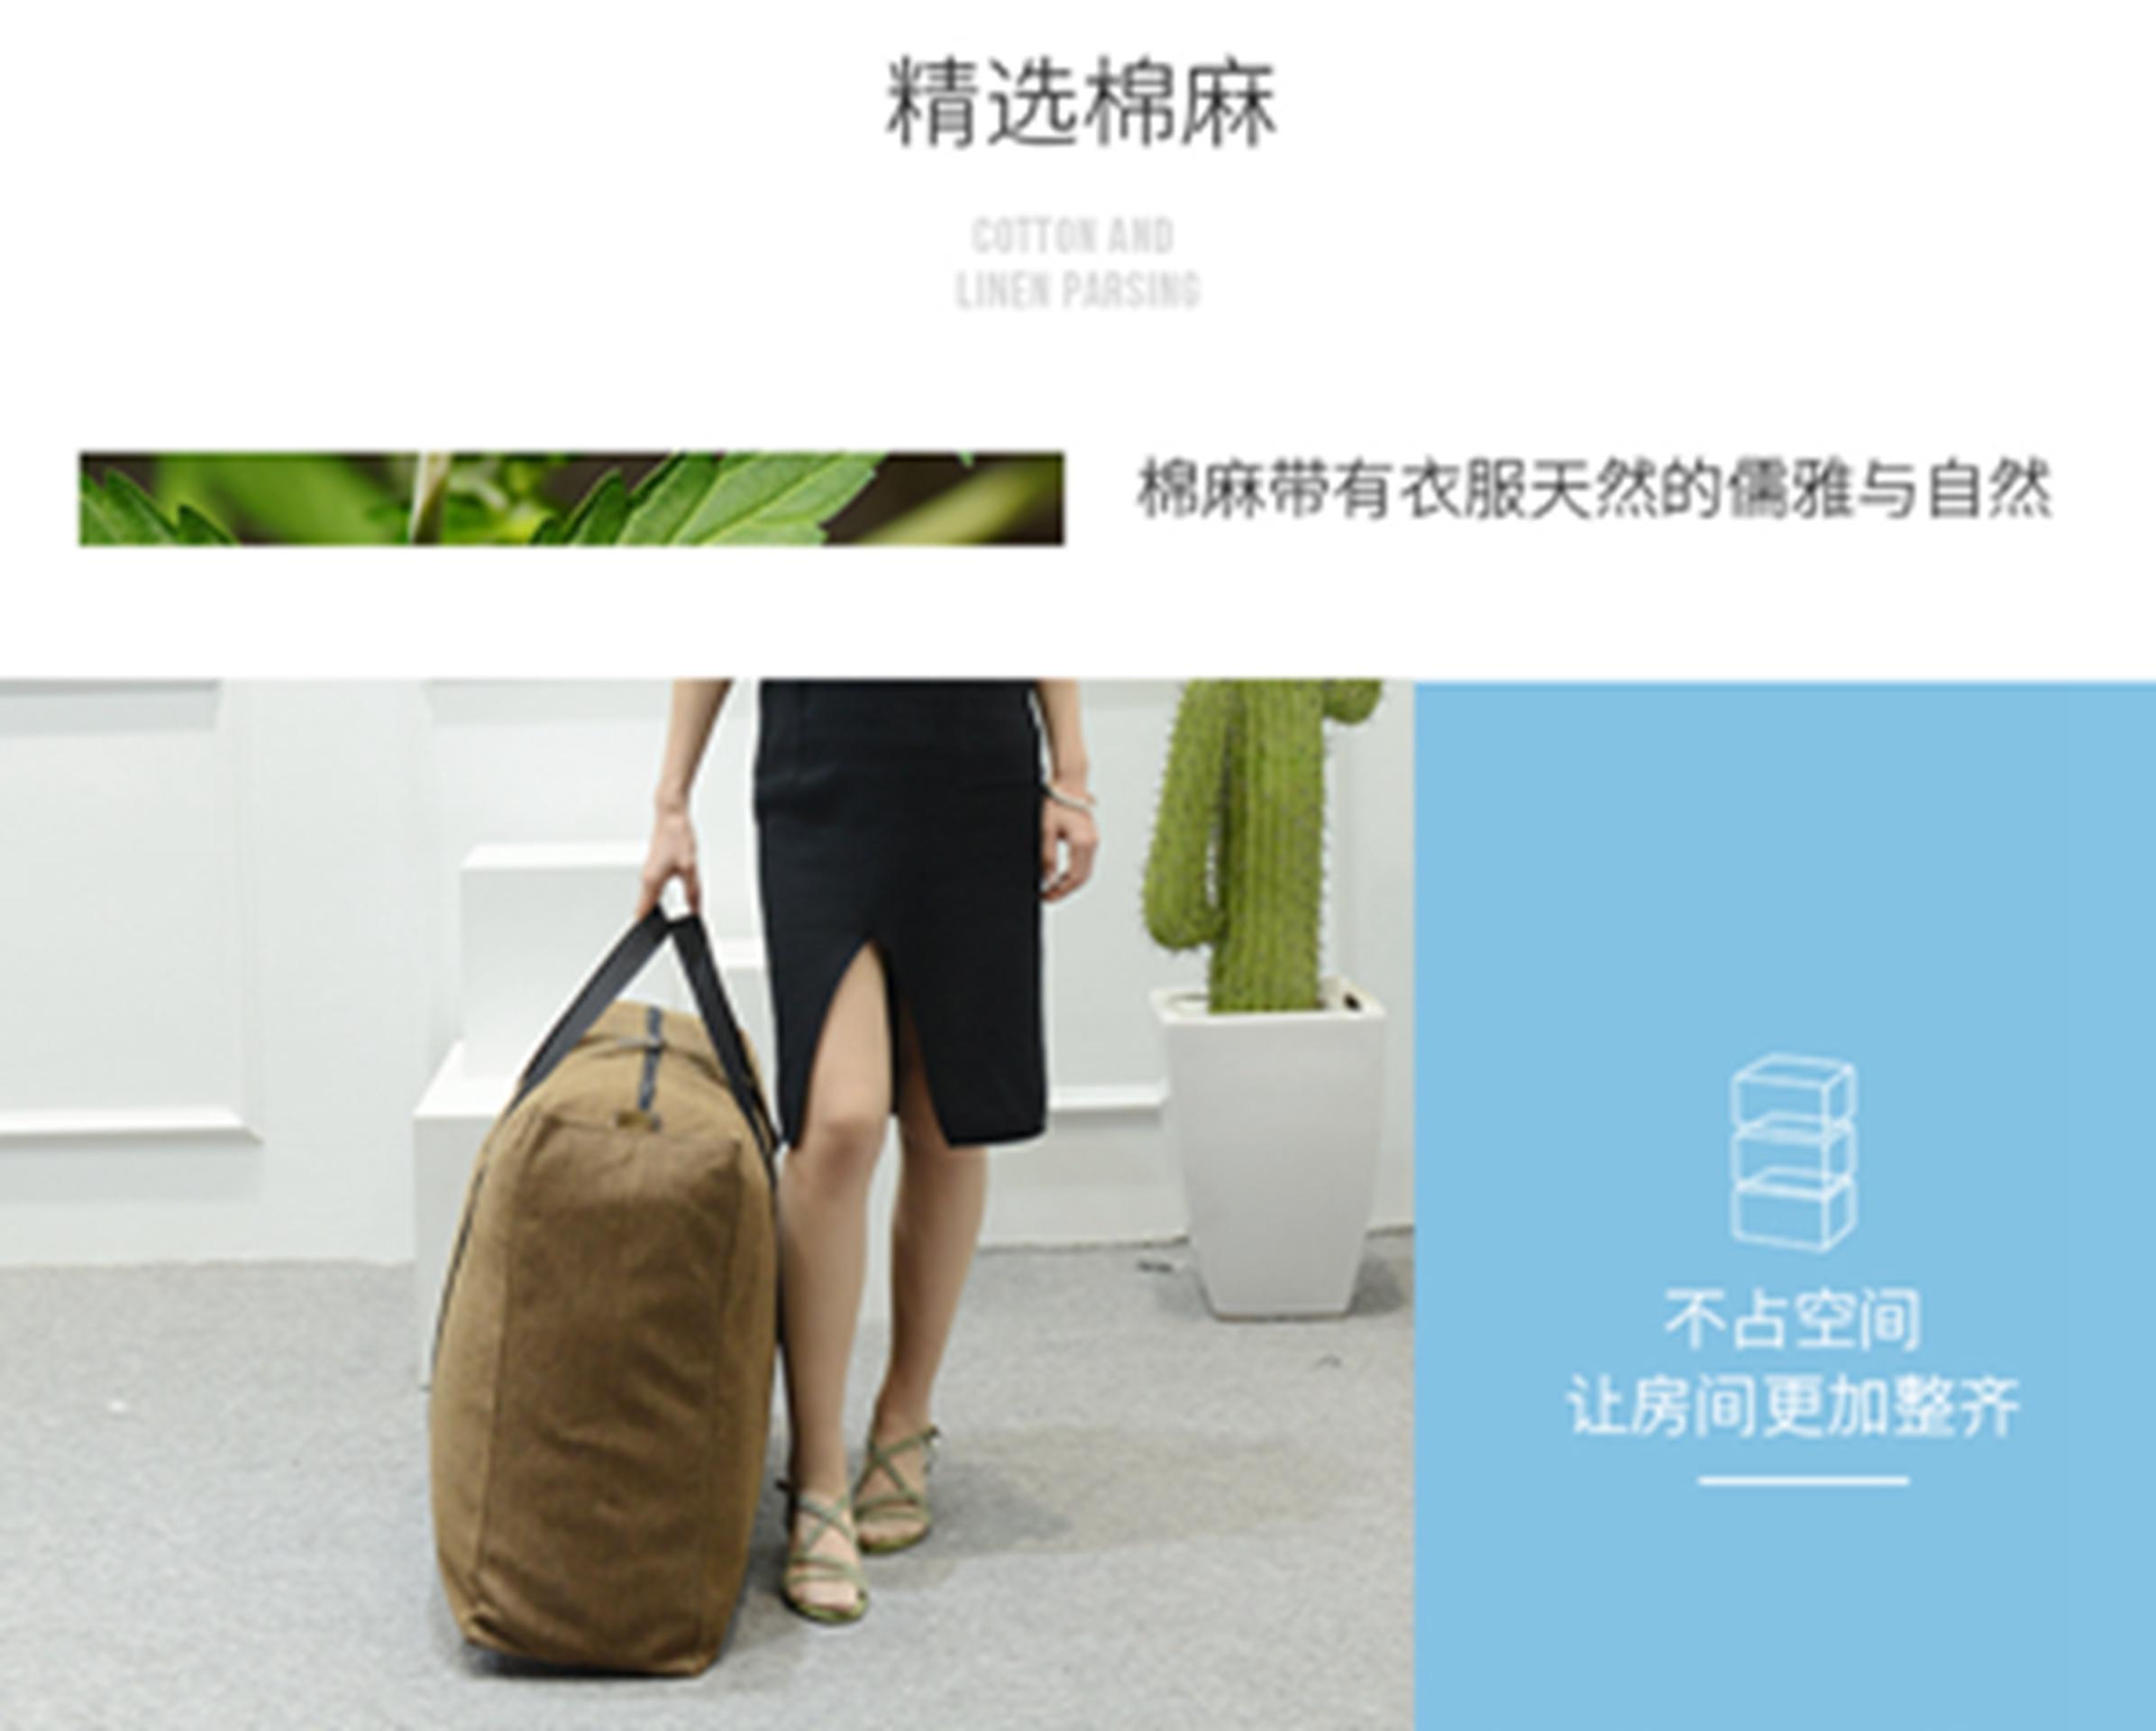 超大容量帆布袋手提大布袋搬家行李包旅行包男女大包装被子收纳袋